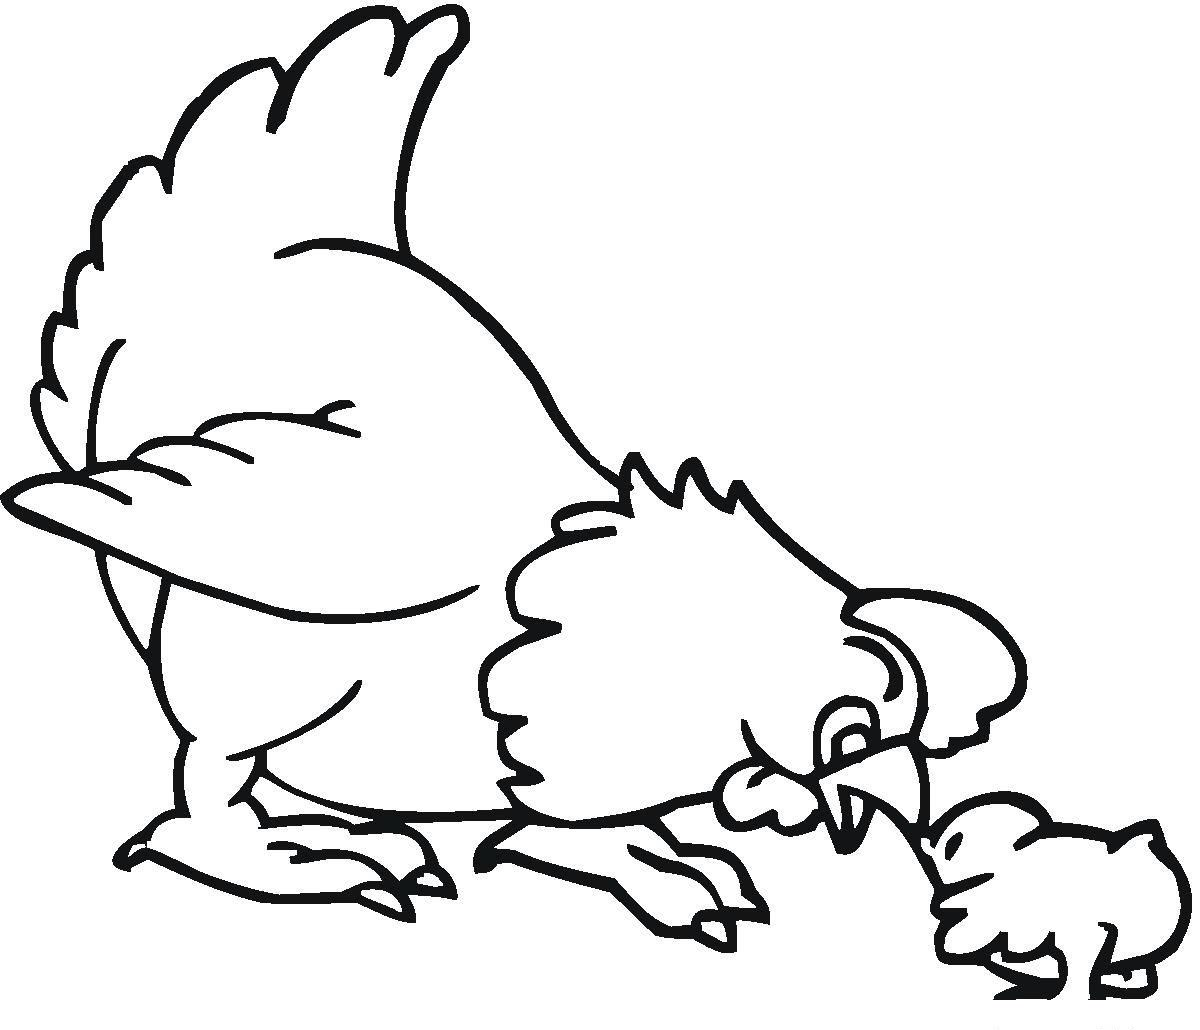 Tranh tô màu con gà đáng yêu